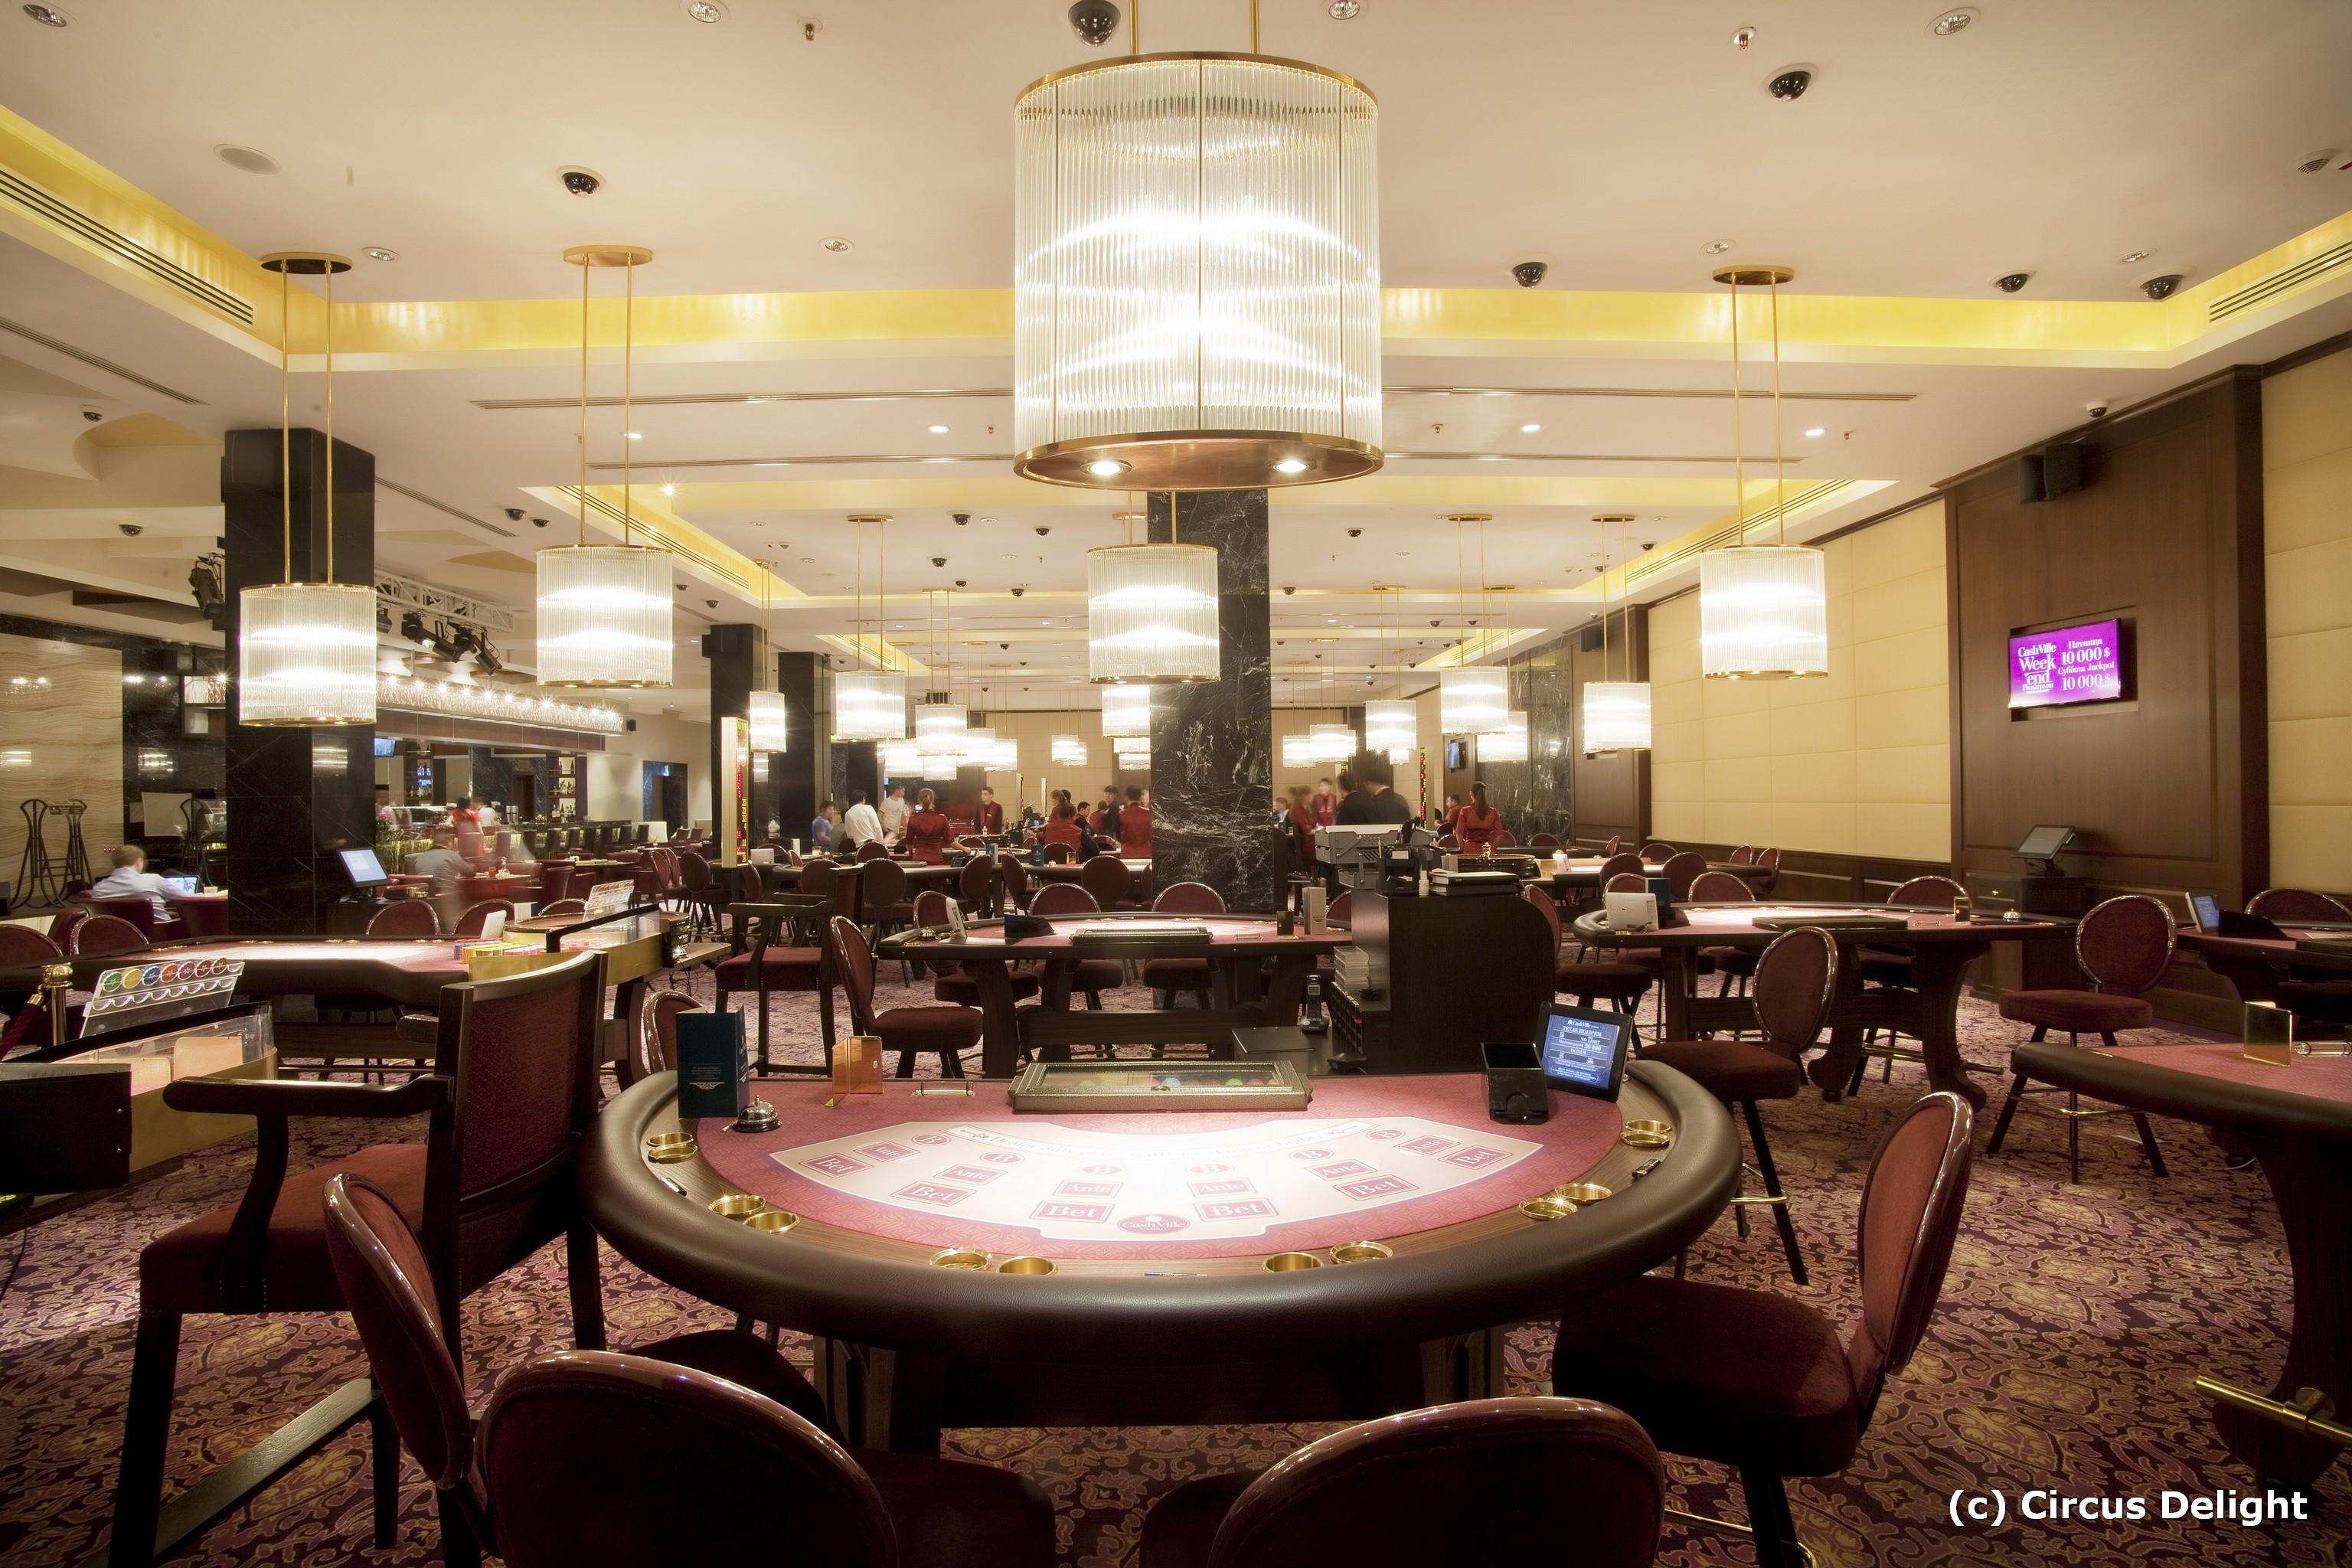 Казино риксос боровое фото скачать игру покер онлайн на компьютер бесплатно на русском через торрент